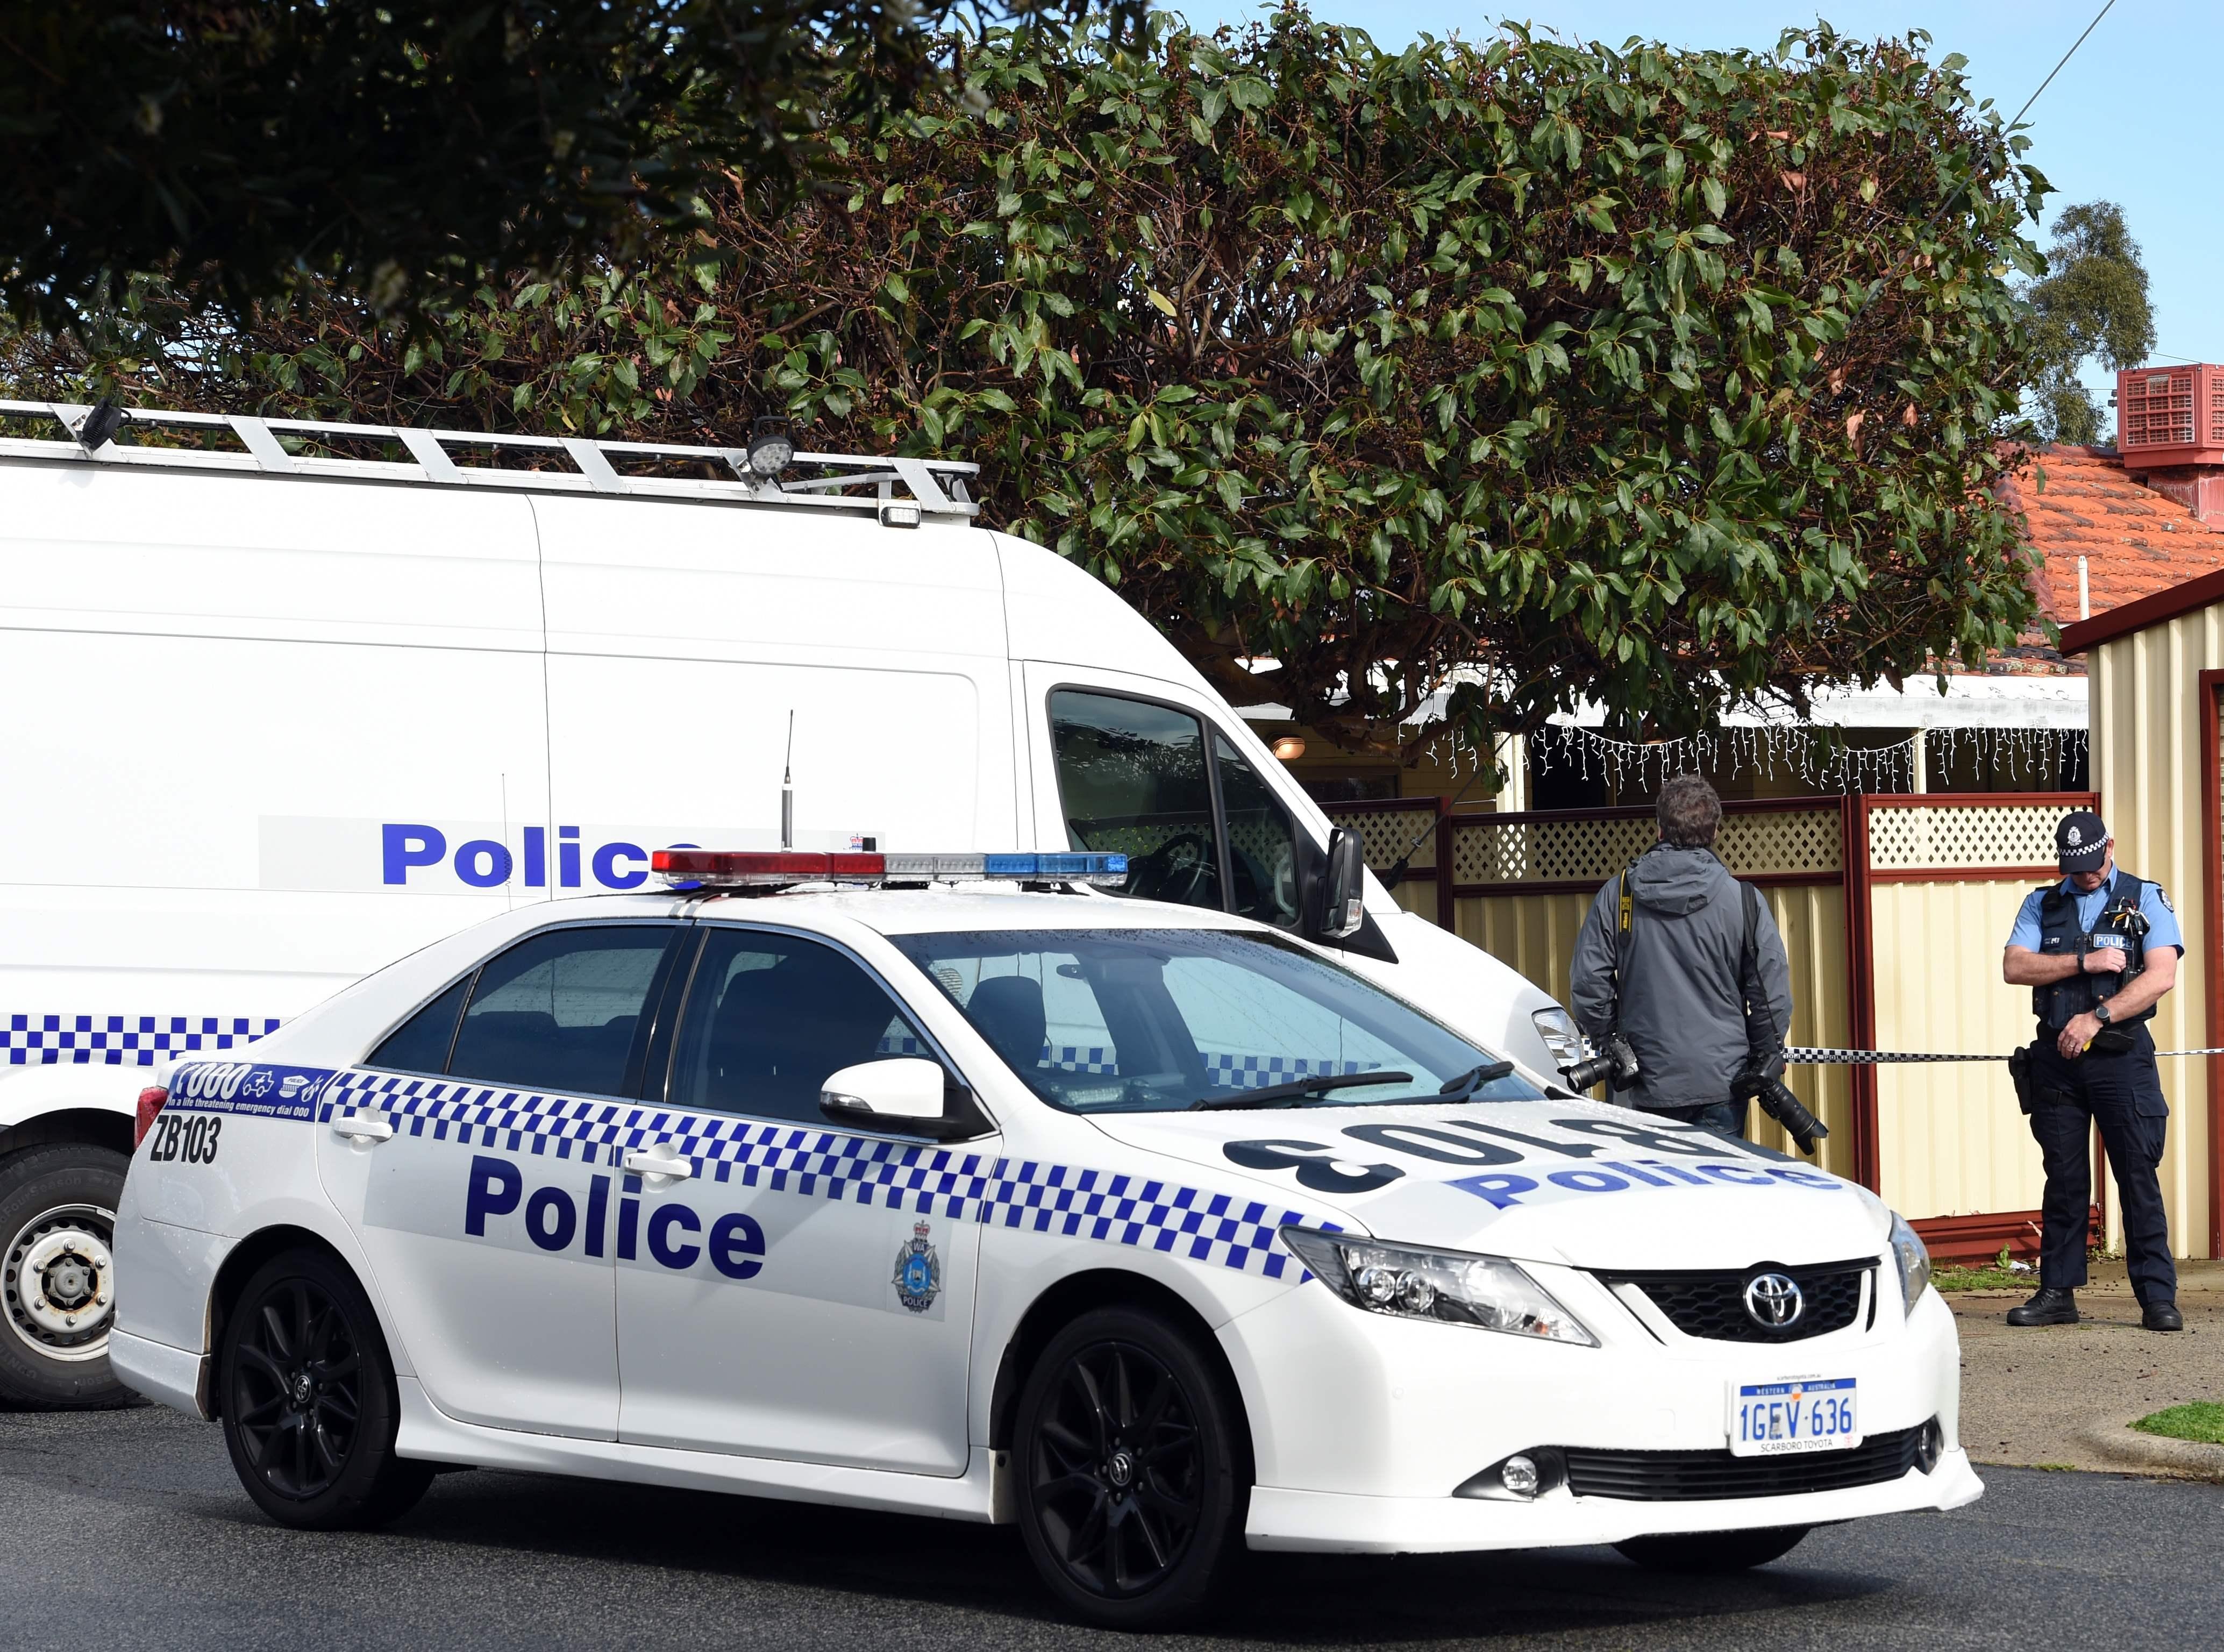 الشرطة الاسترالية بمحيط المنزل